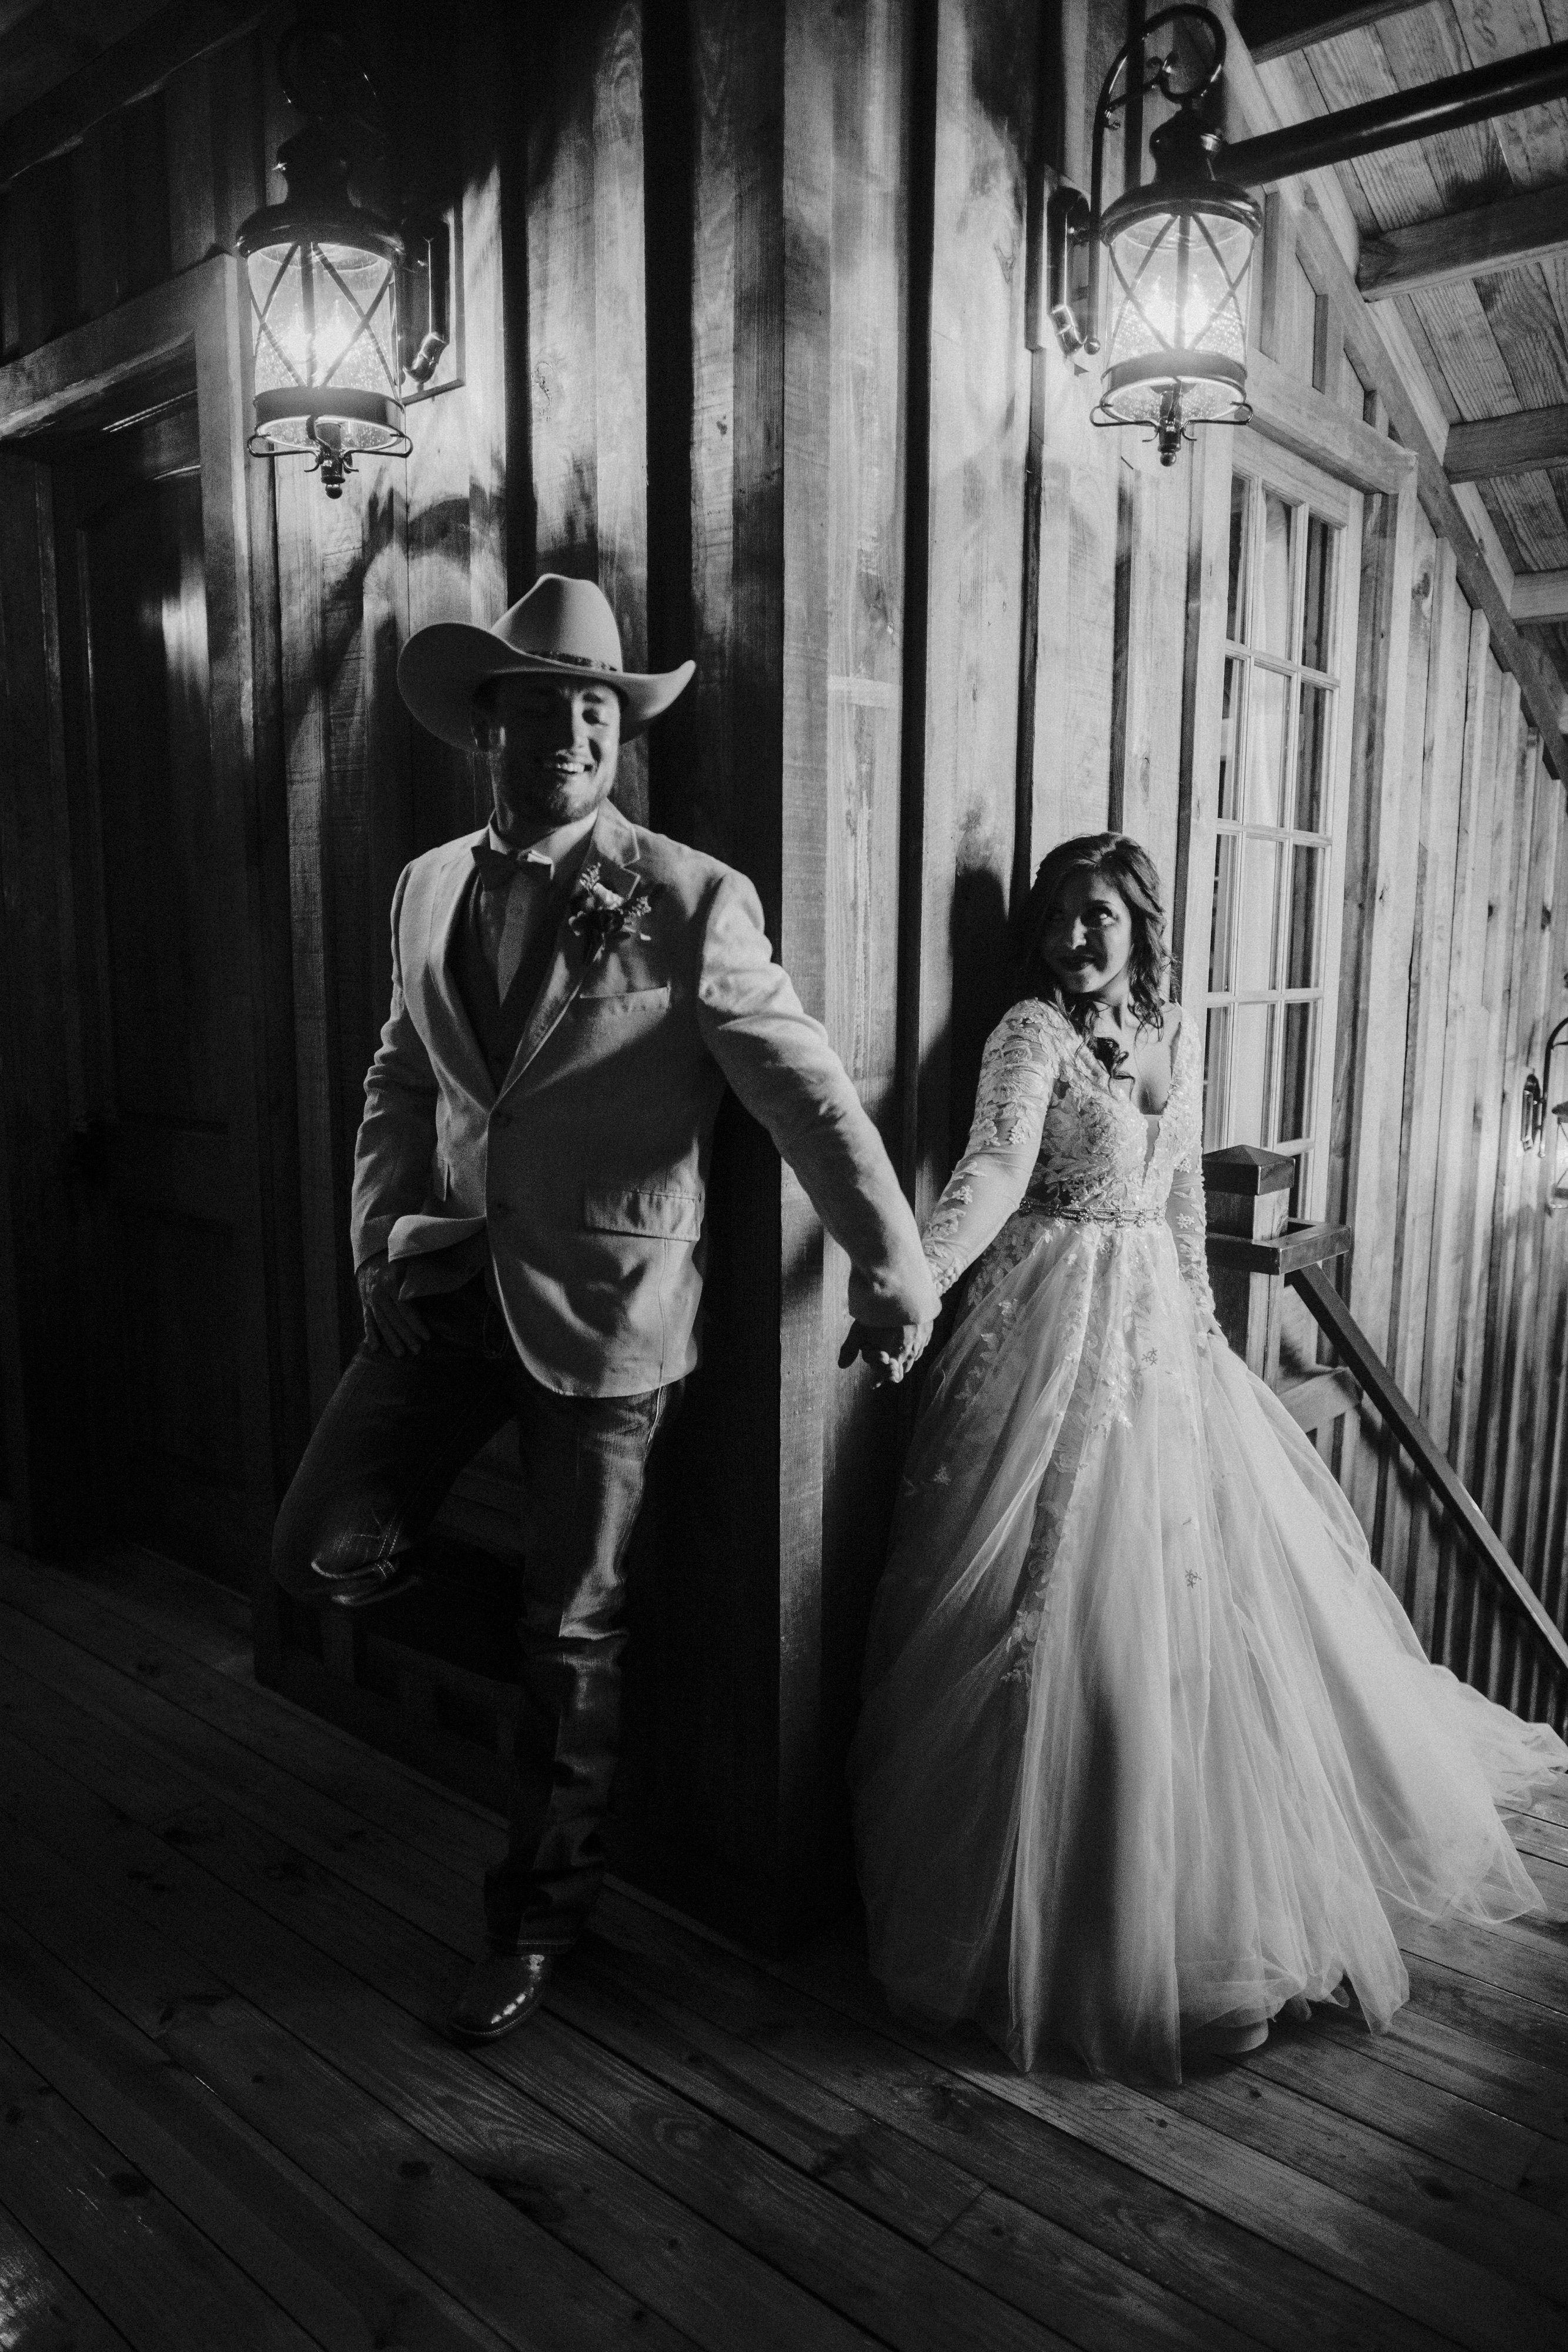 Norman Wedding Venue Springs Venue Outdoor Wedding Photos Wedding Photos Country Wedding Photos